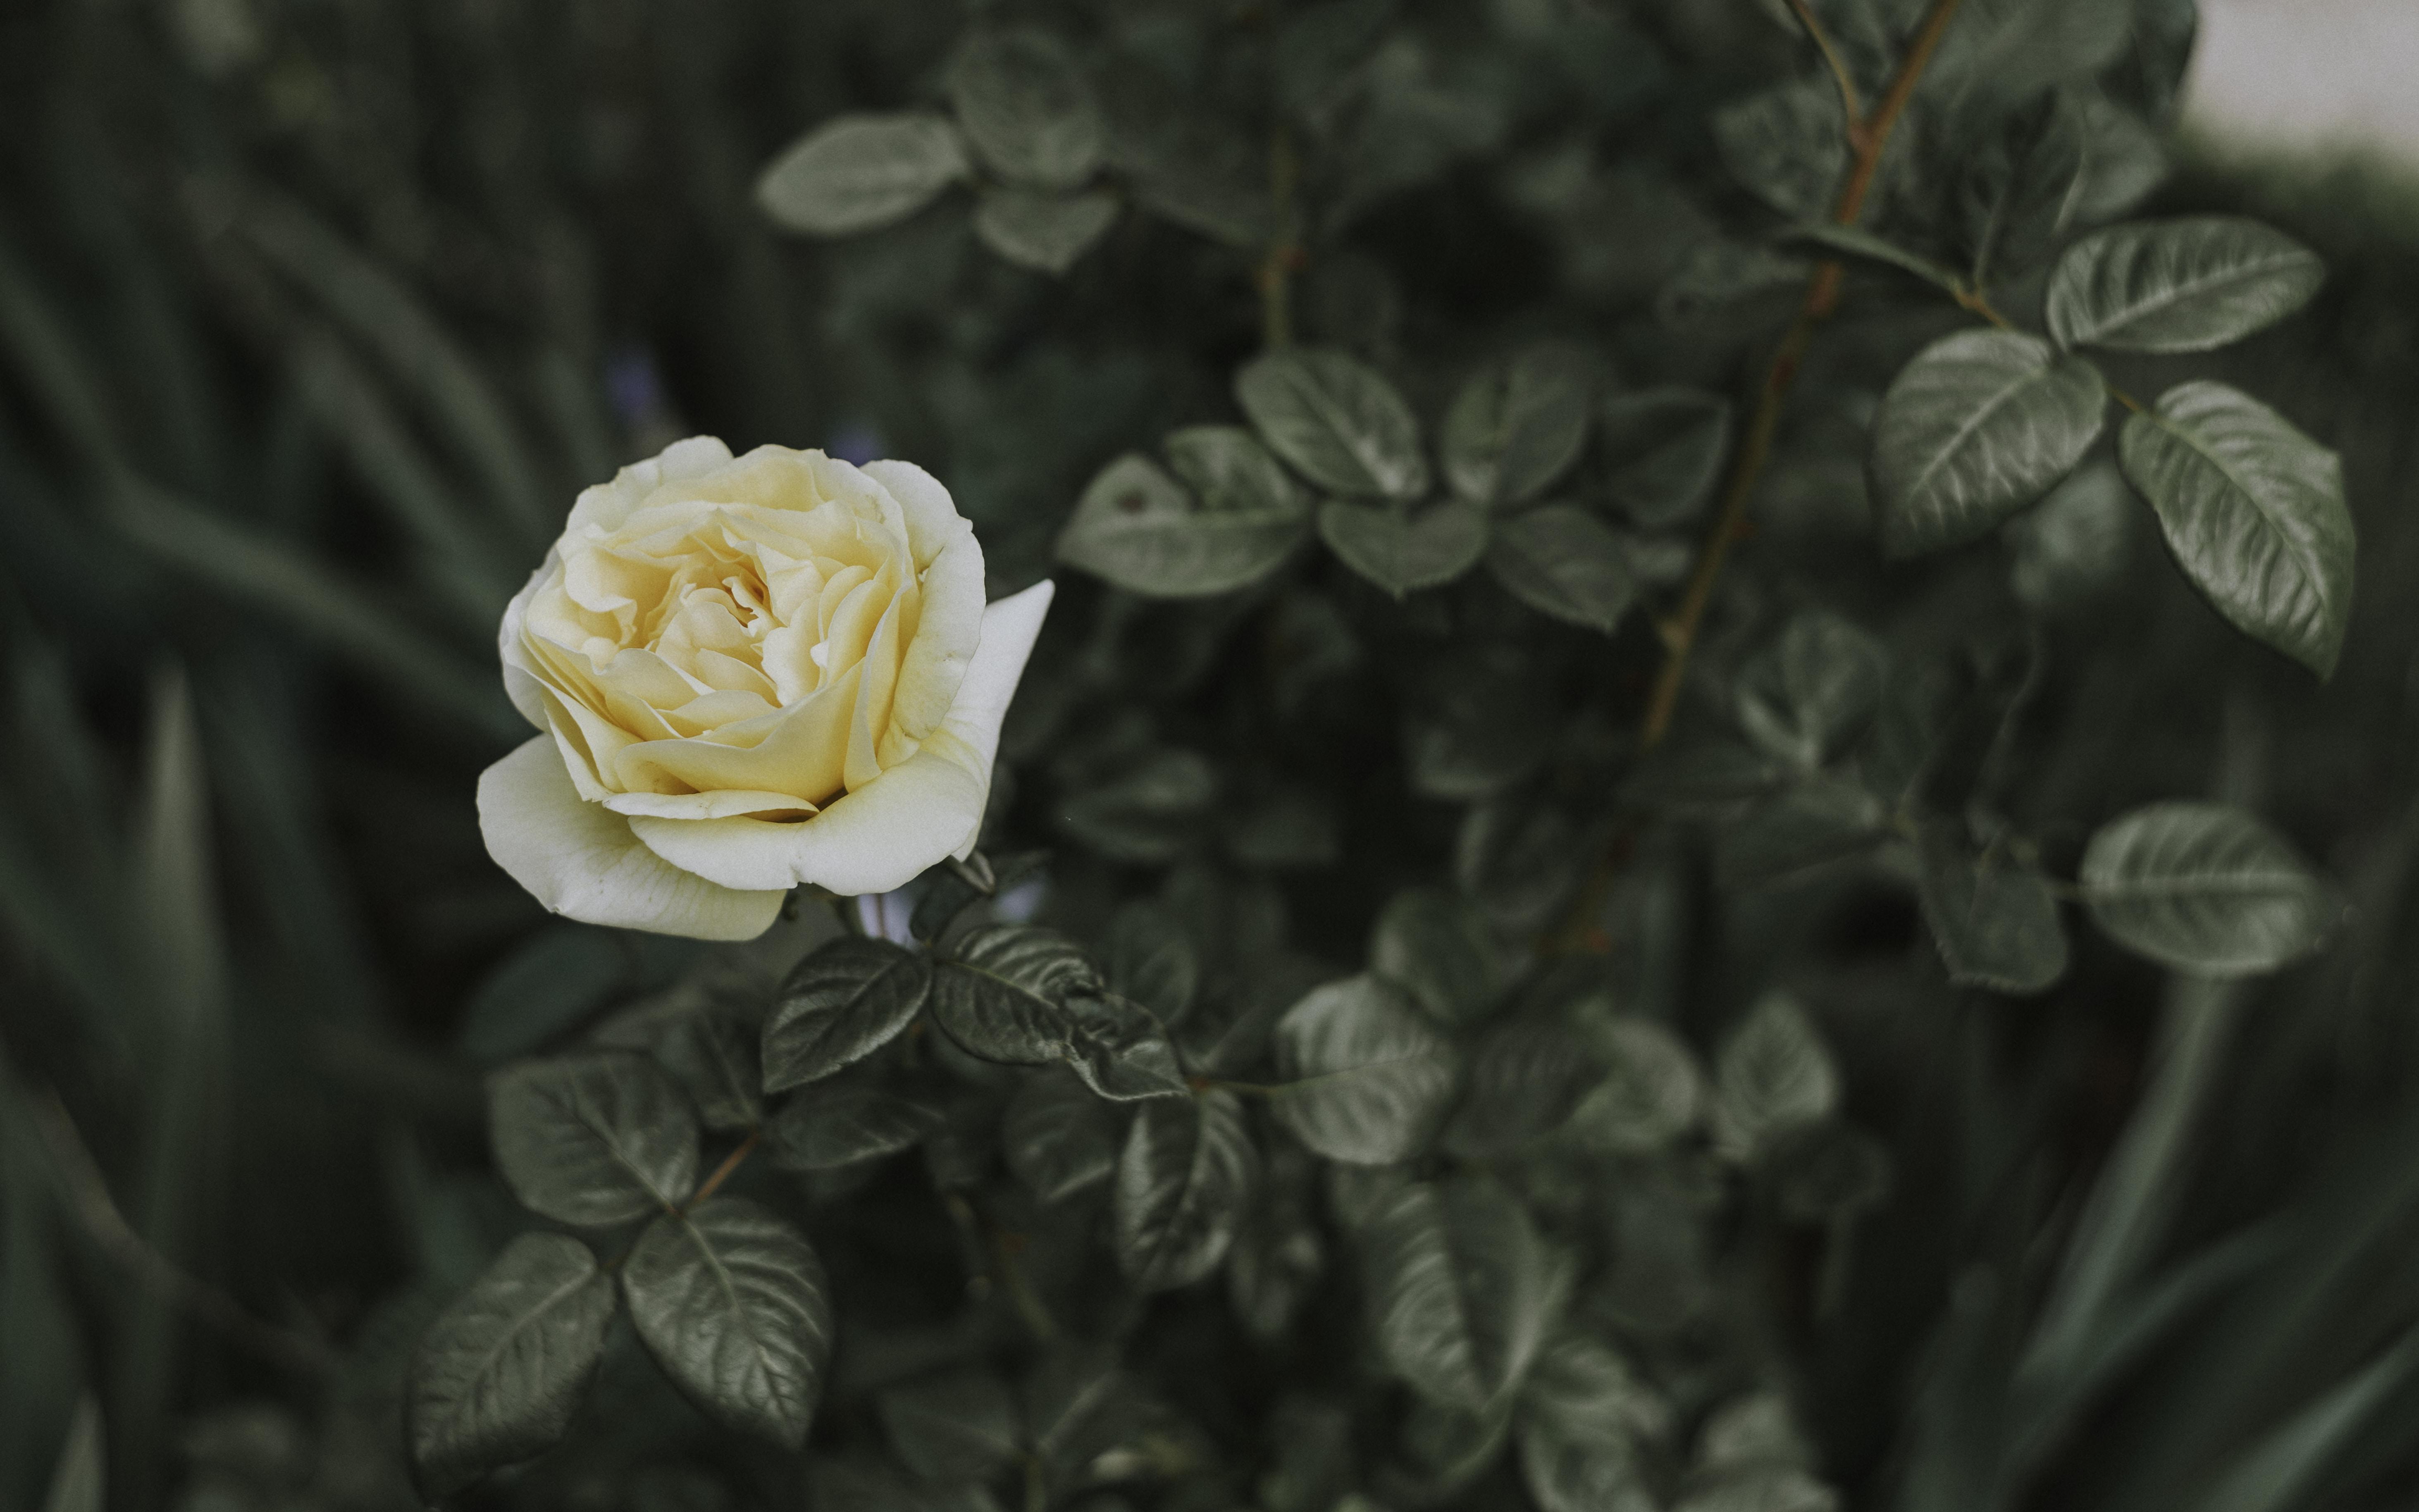 tilt shift lens photography of white rose